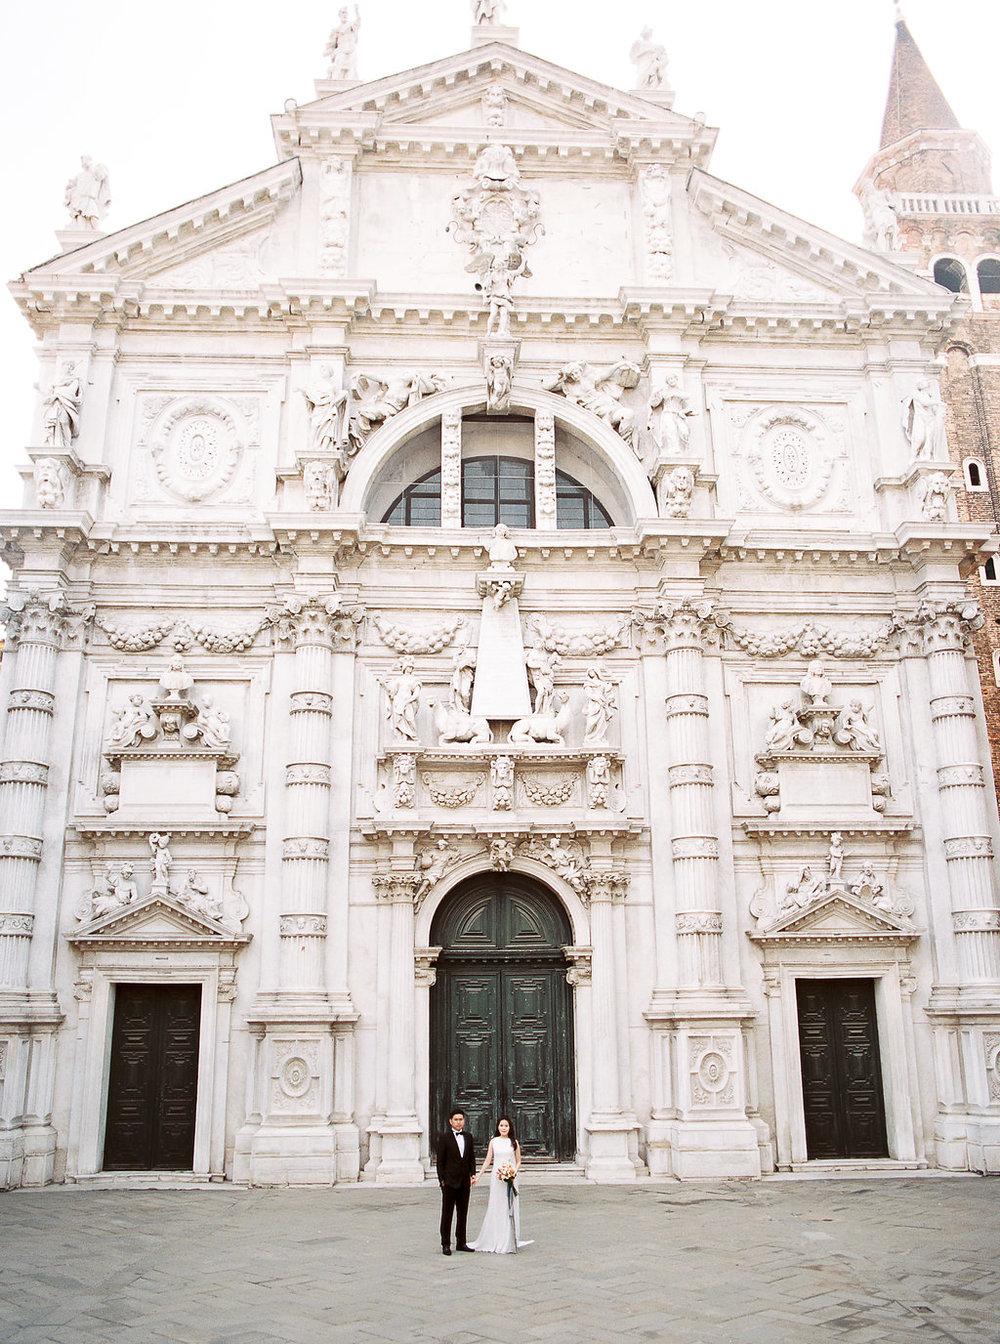 Destination pre-wedding session in Venice Italy | Tanja Kibogo photography film1.JPG